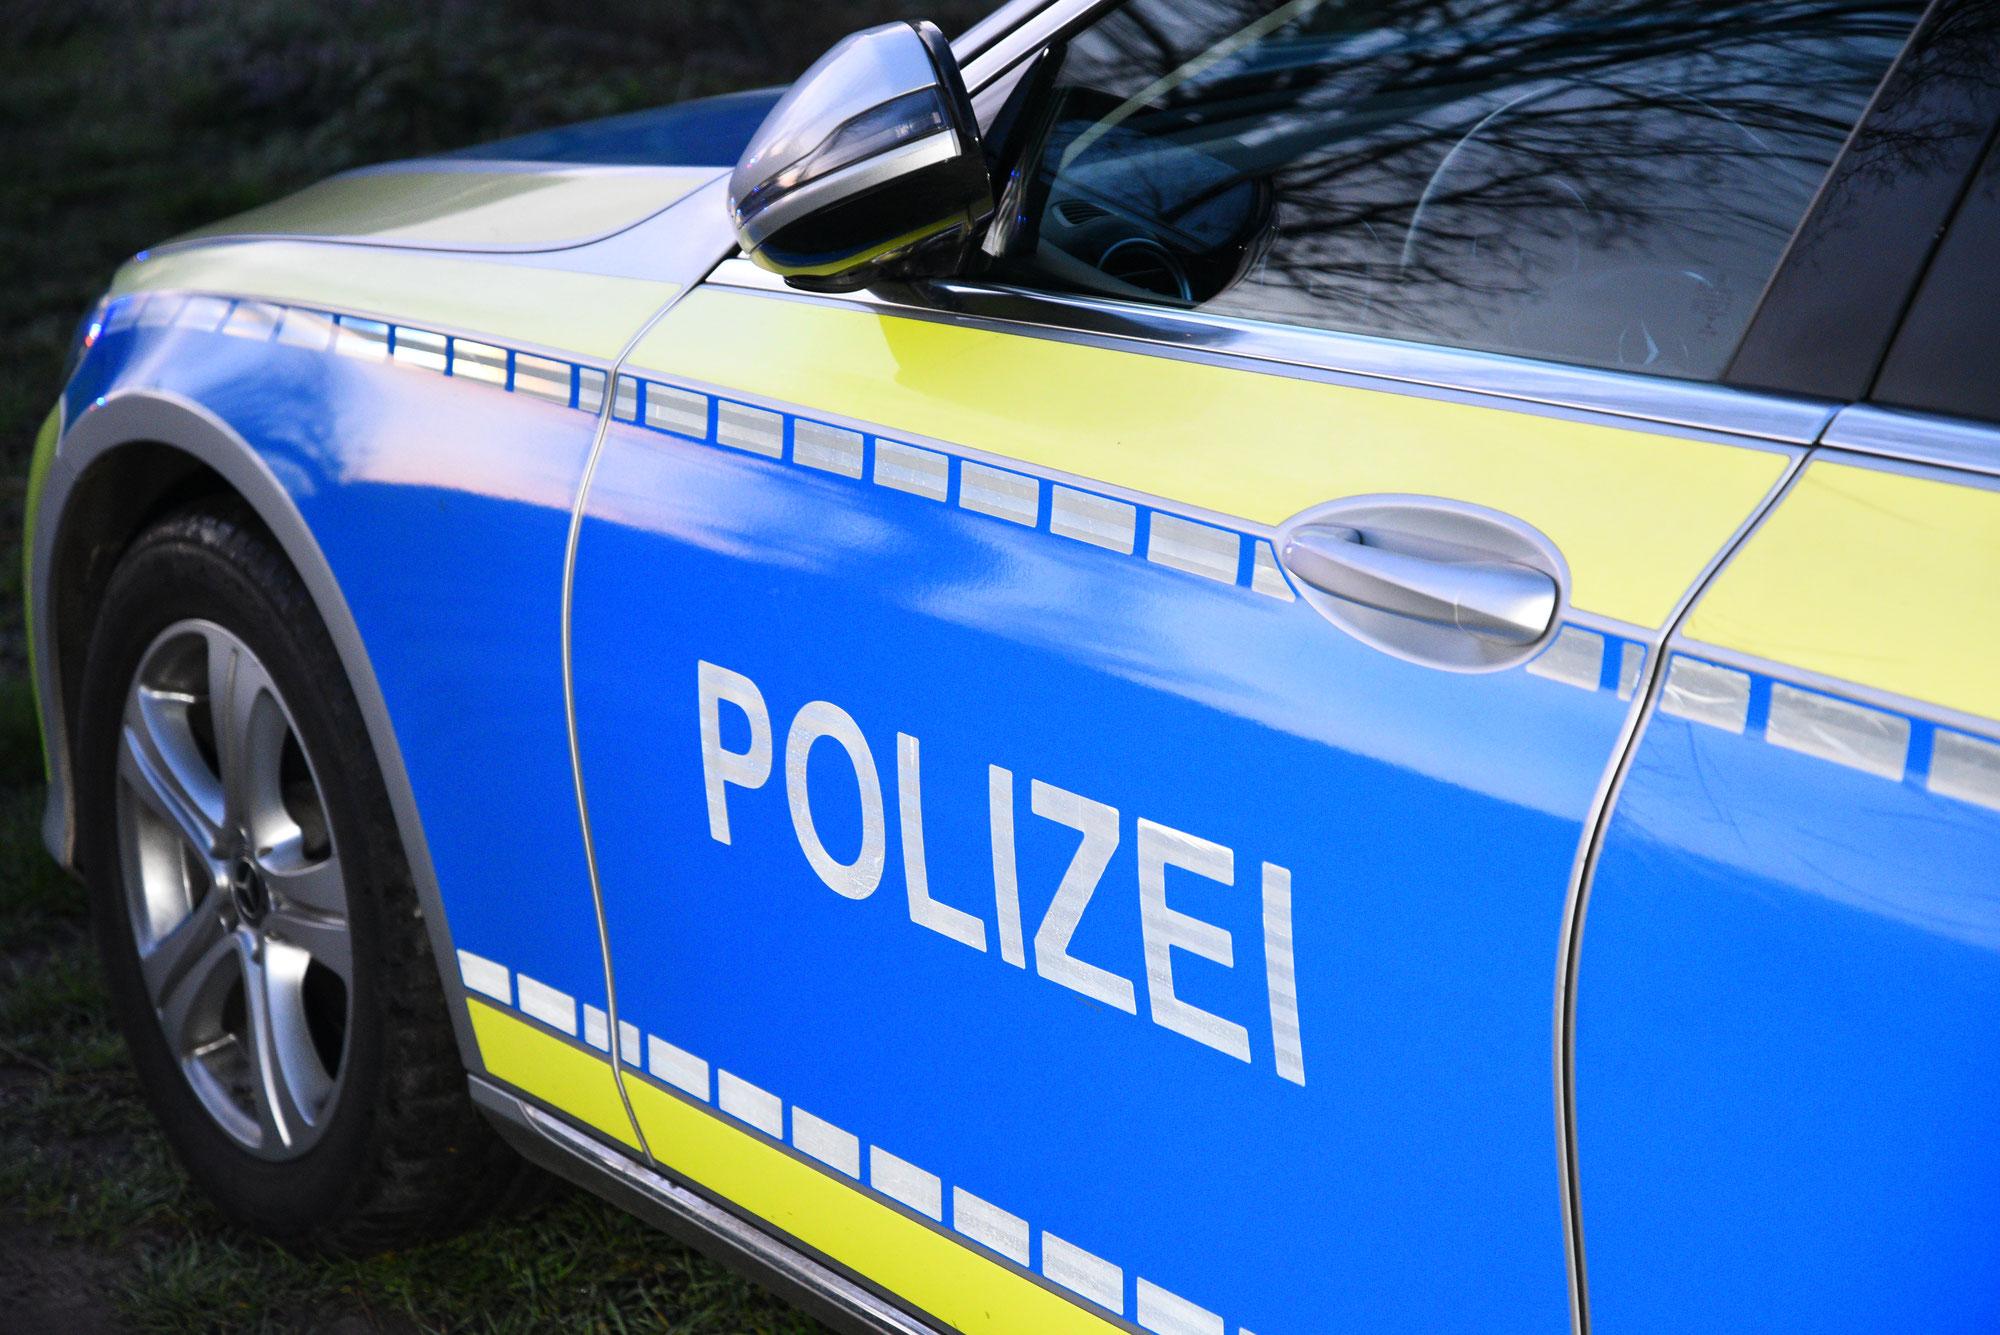 Brühl/Rhein-Neckar-Kreis: Privates Treffen - 33 Personen in zwei Wohnungen angetroffen - Anzeigen und Platzverweise